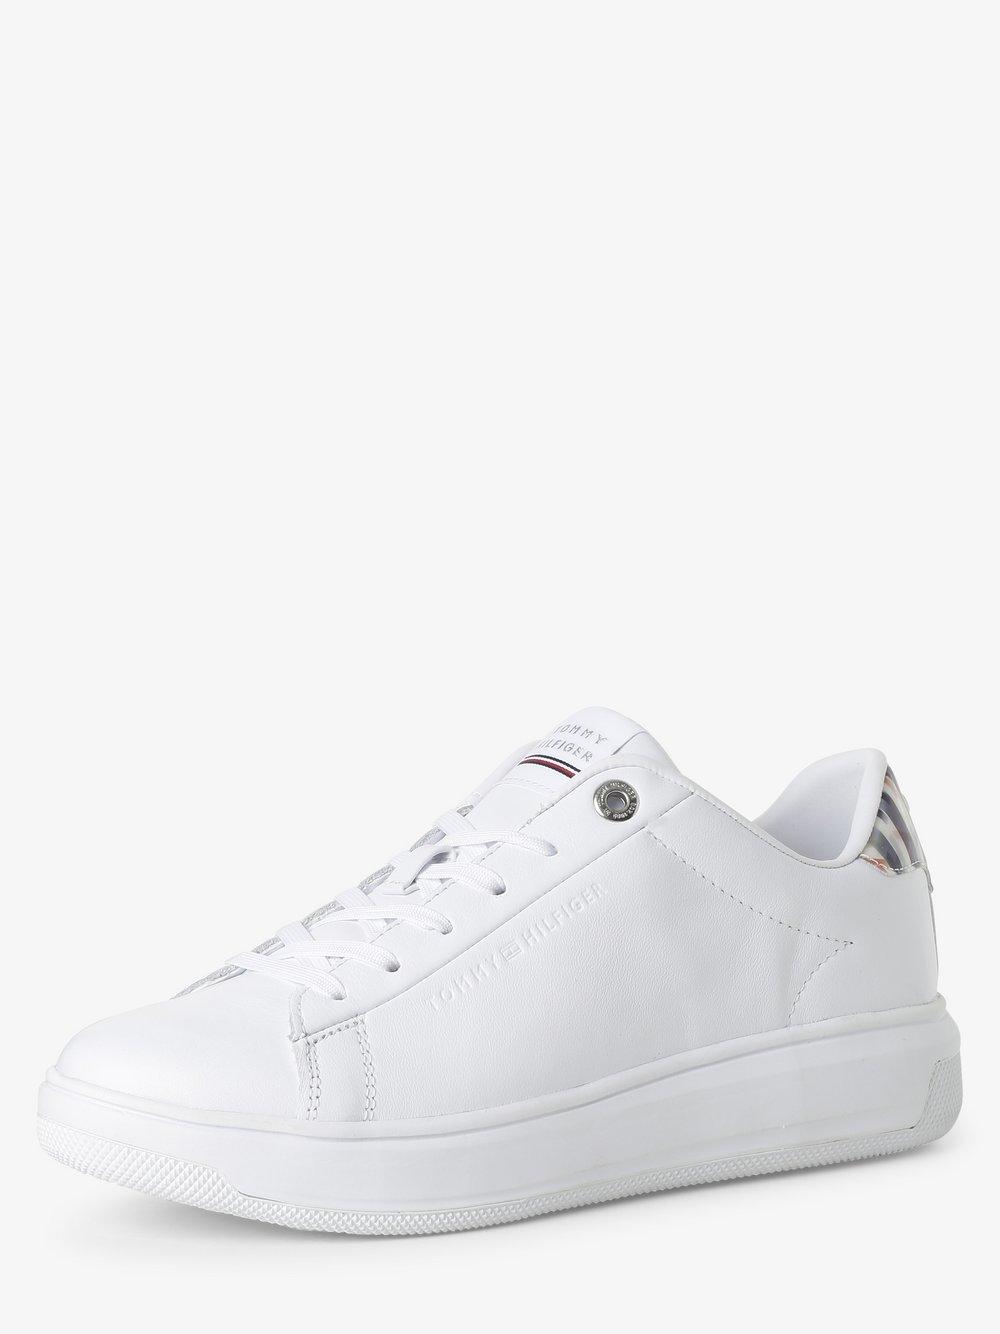 Tommy Hilfiger - Damskie tenisówki ze skóry, biały